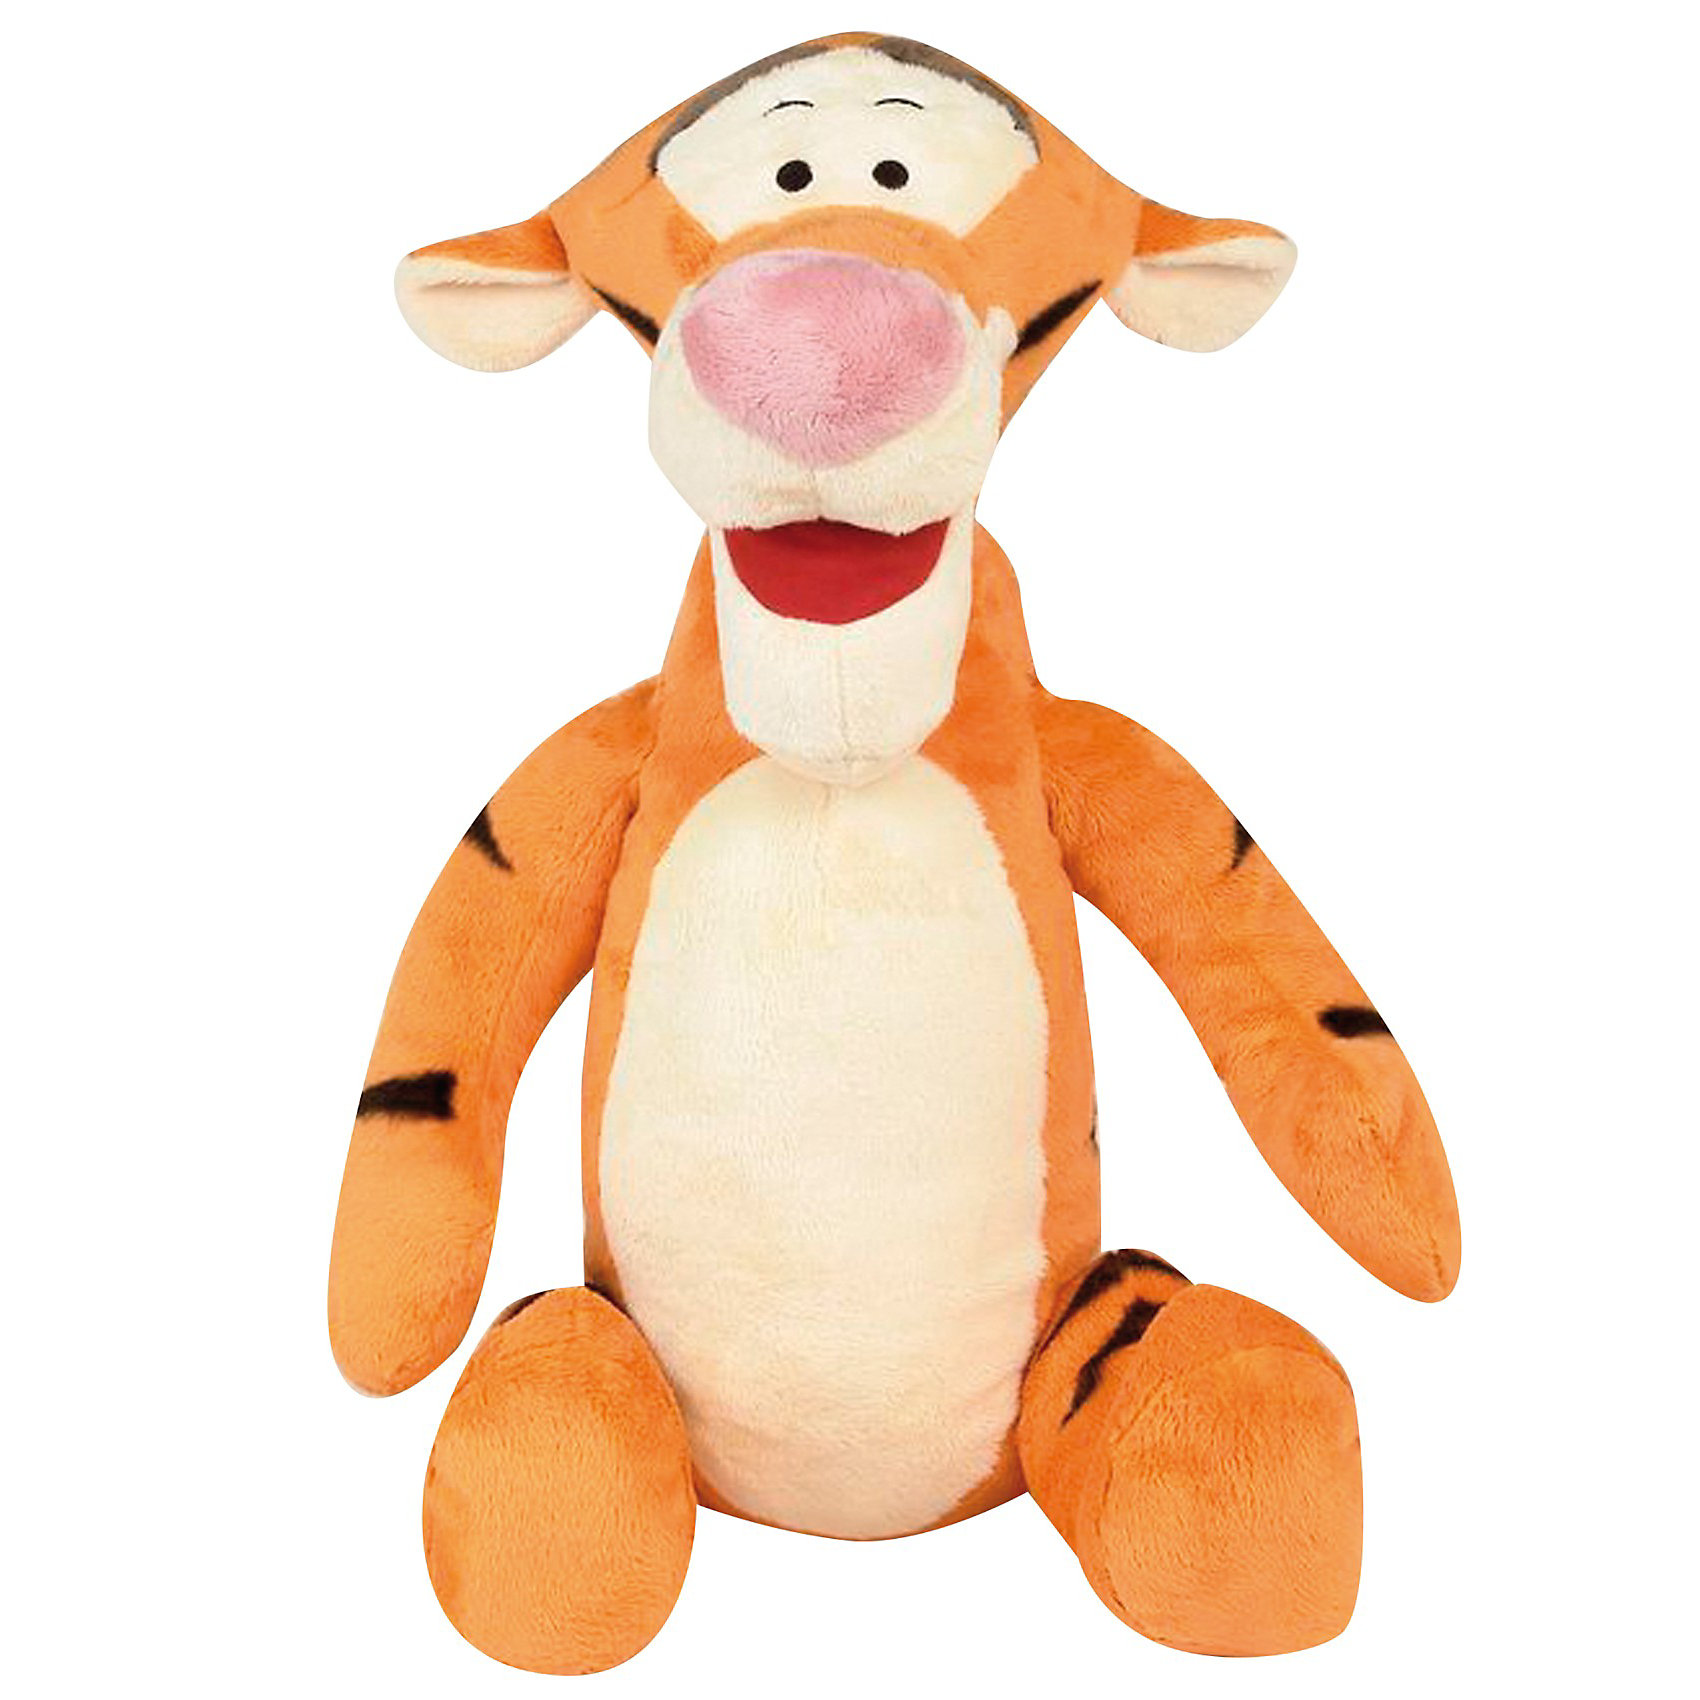 Disney Мягкая игрушка Тигруля, 35 см, Винни Пух мягкая игрушка свинка disney хрюня 25 см розовый текстиль 6901014010594